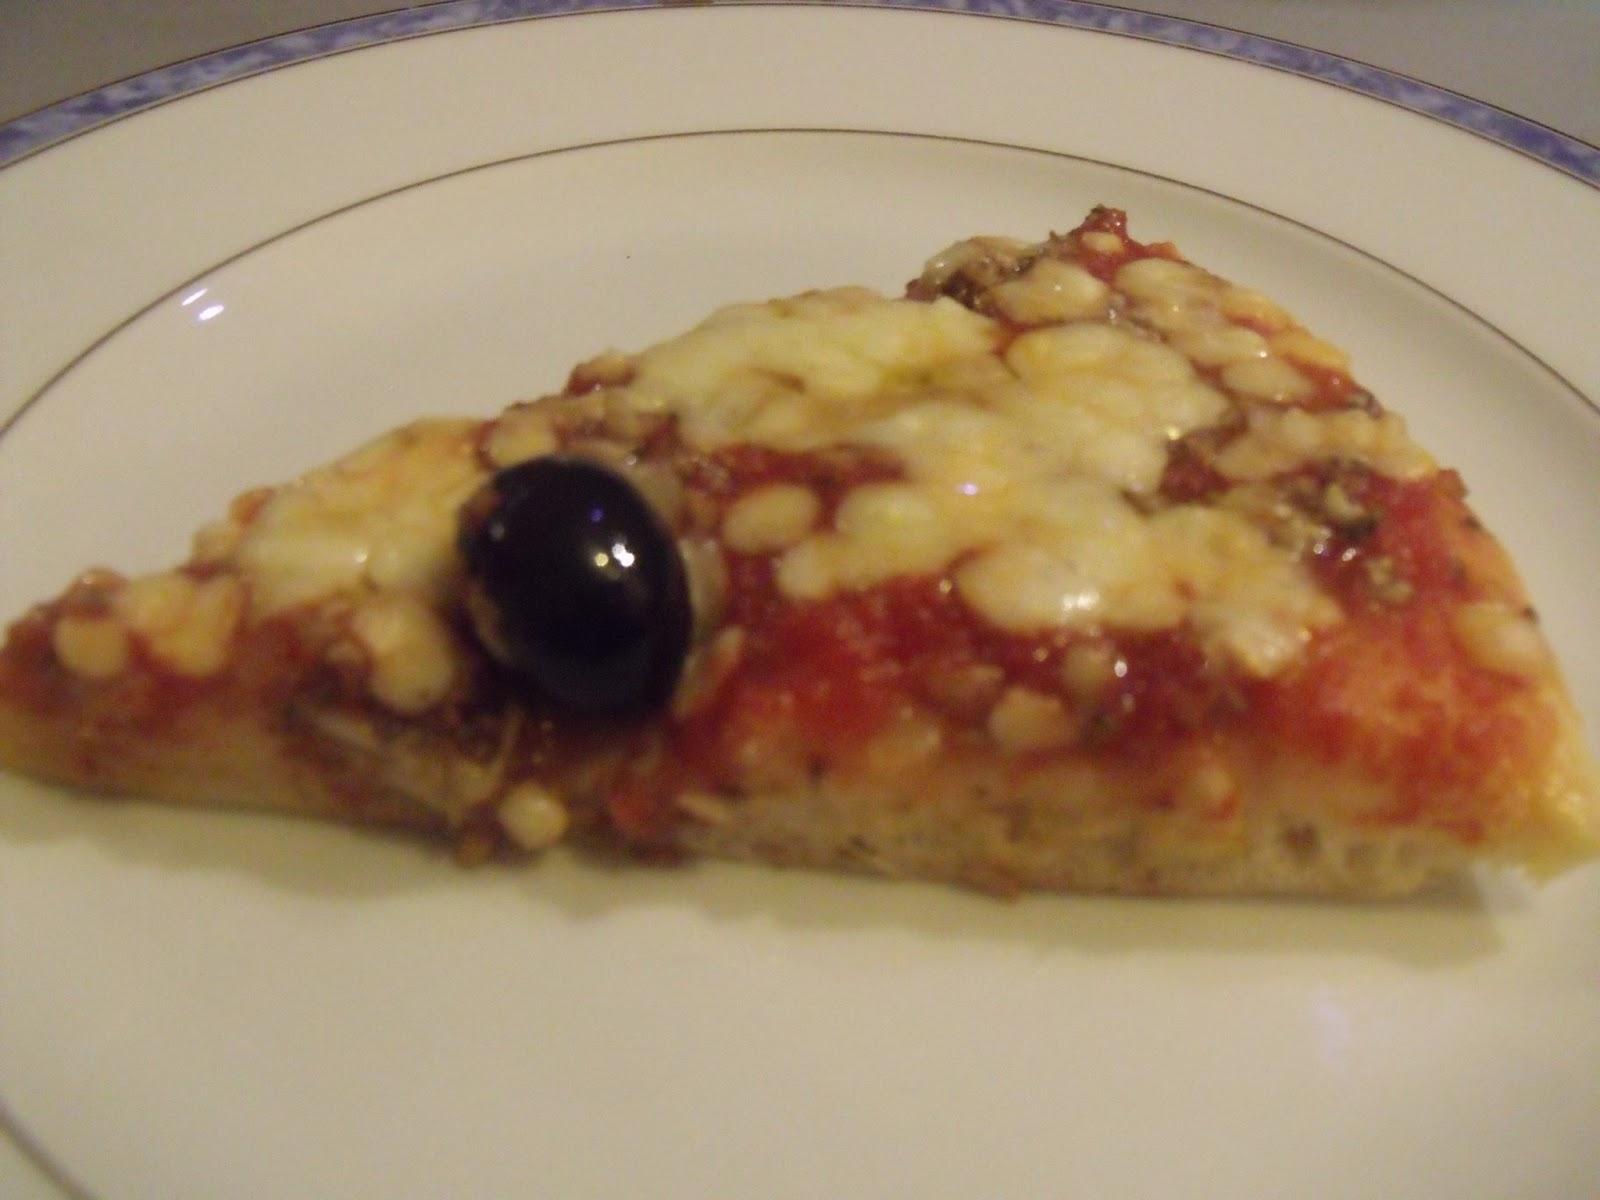 Cuisine de famille recette pizza p te - Veritable pate a pizza ...